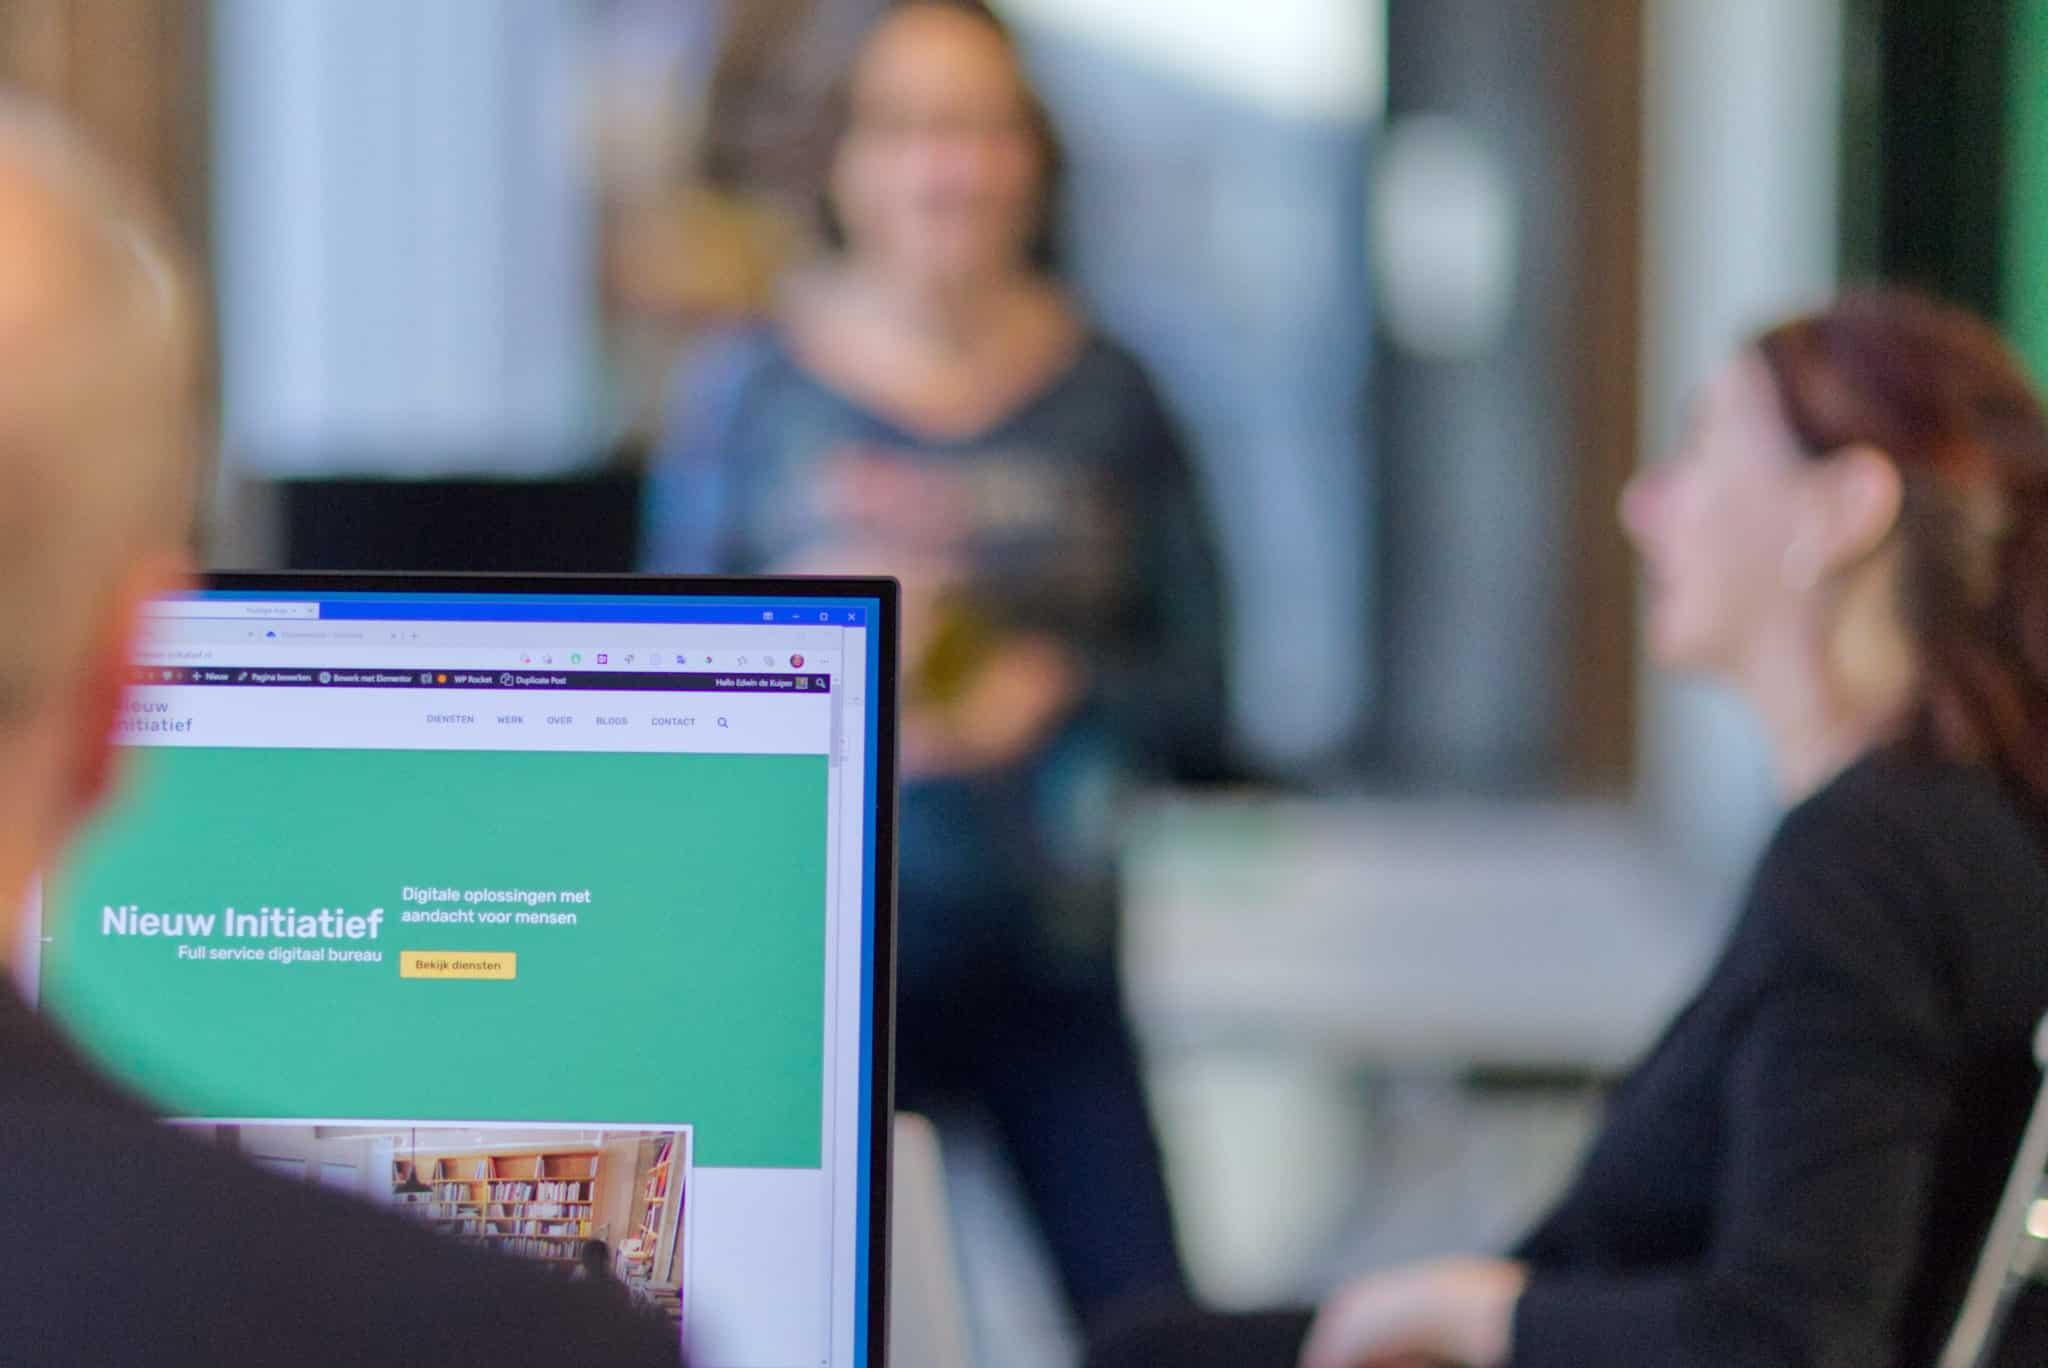 Digitale oplossingen met aandacht voor mensen - Nieuw Initiatief